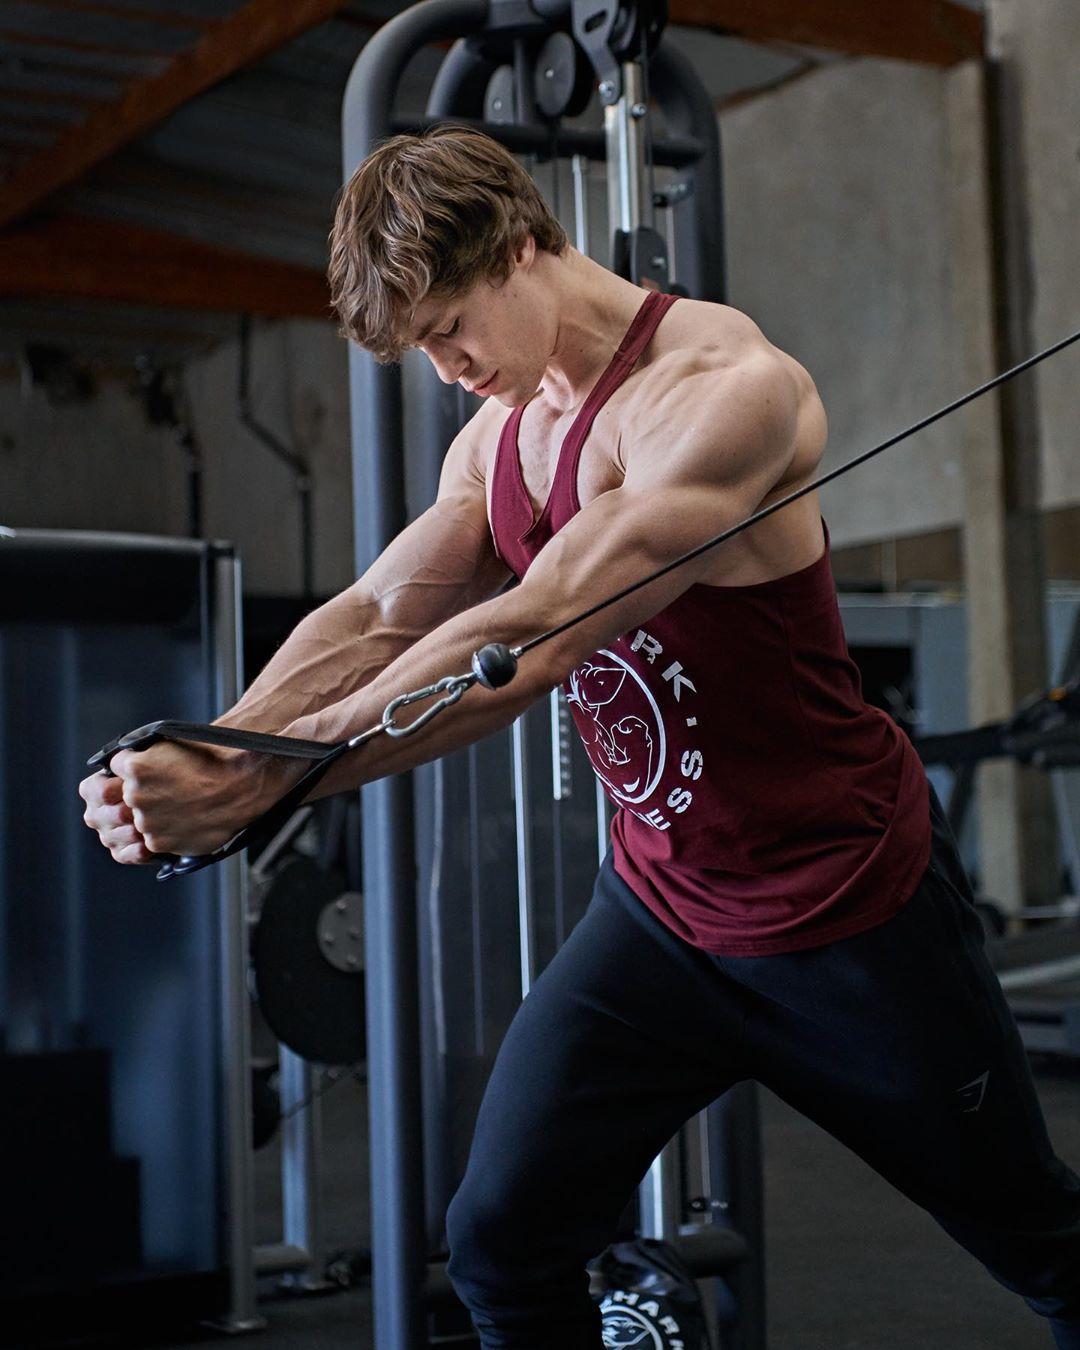 Дэвид Лэйд — молодой бодибилдер с шикарным телом